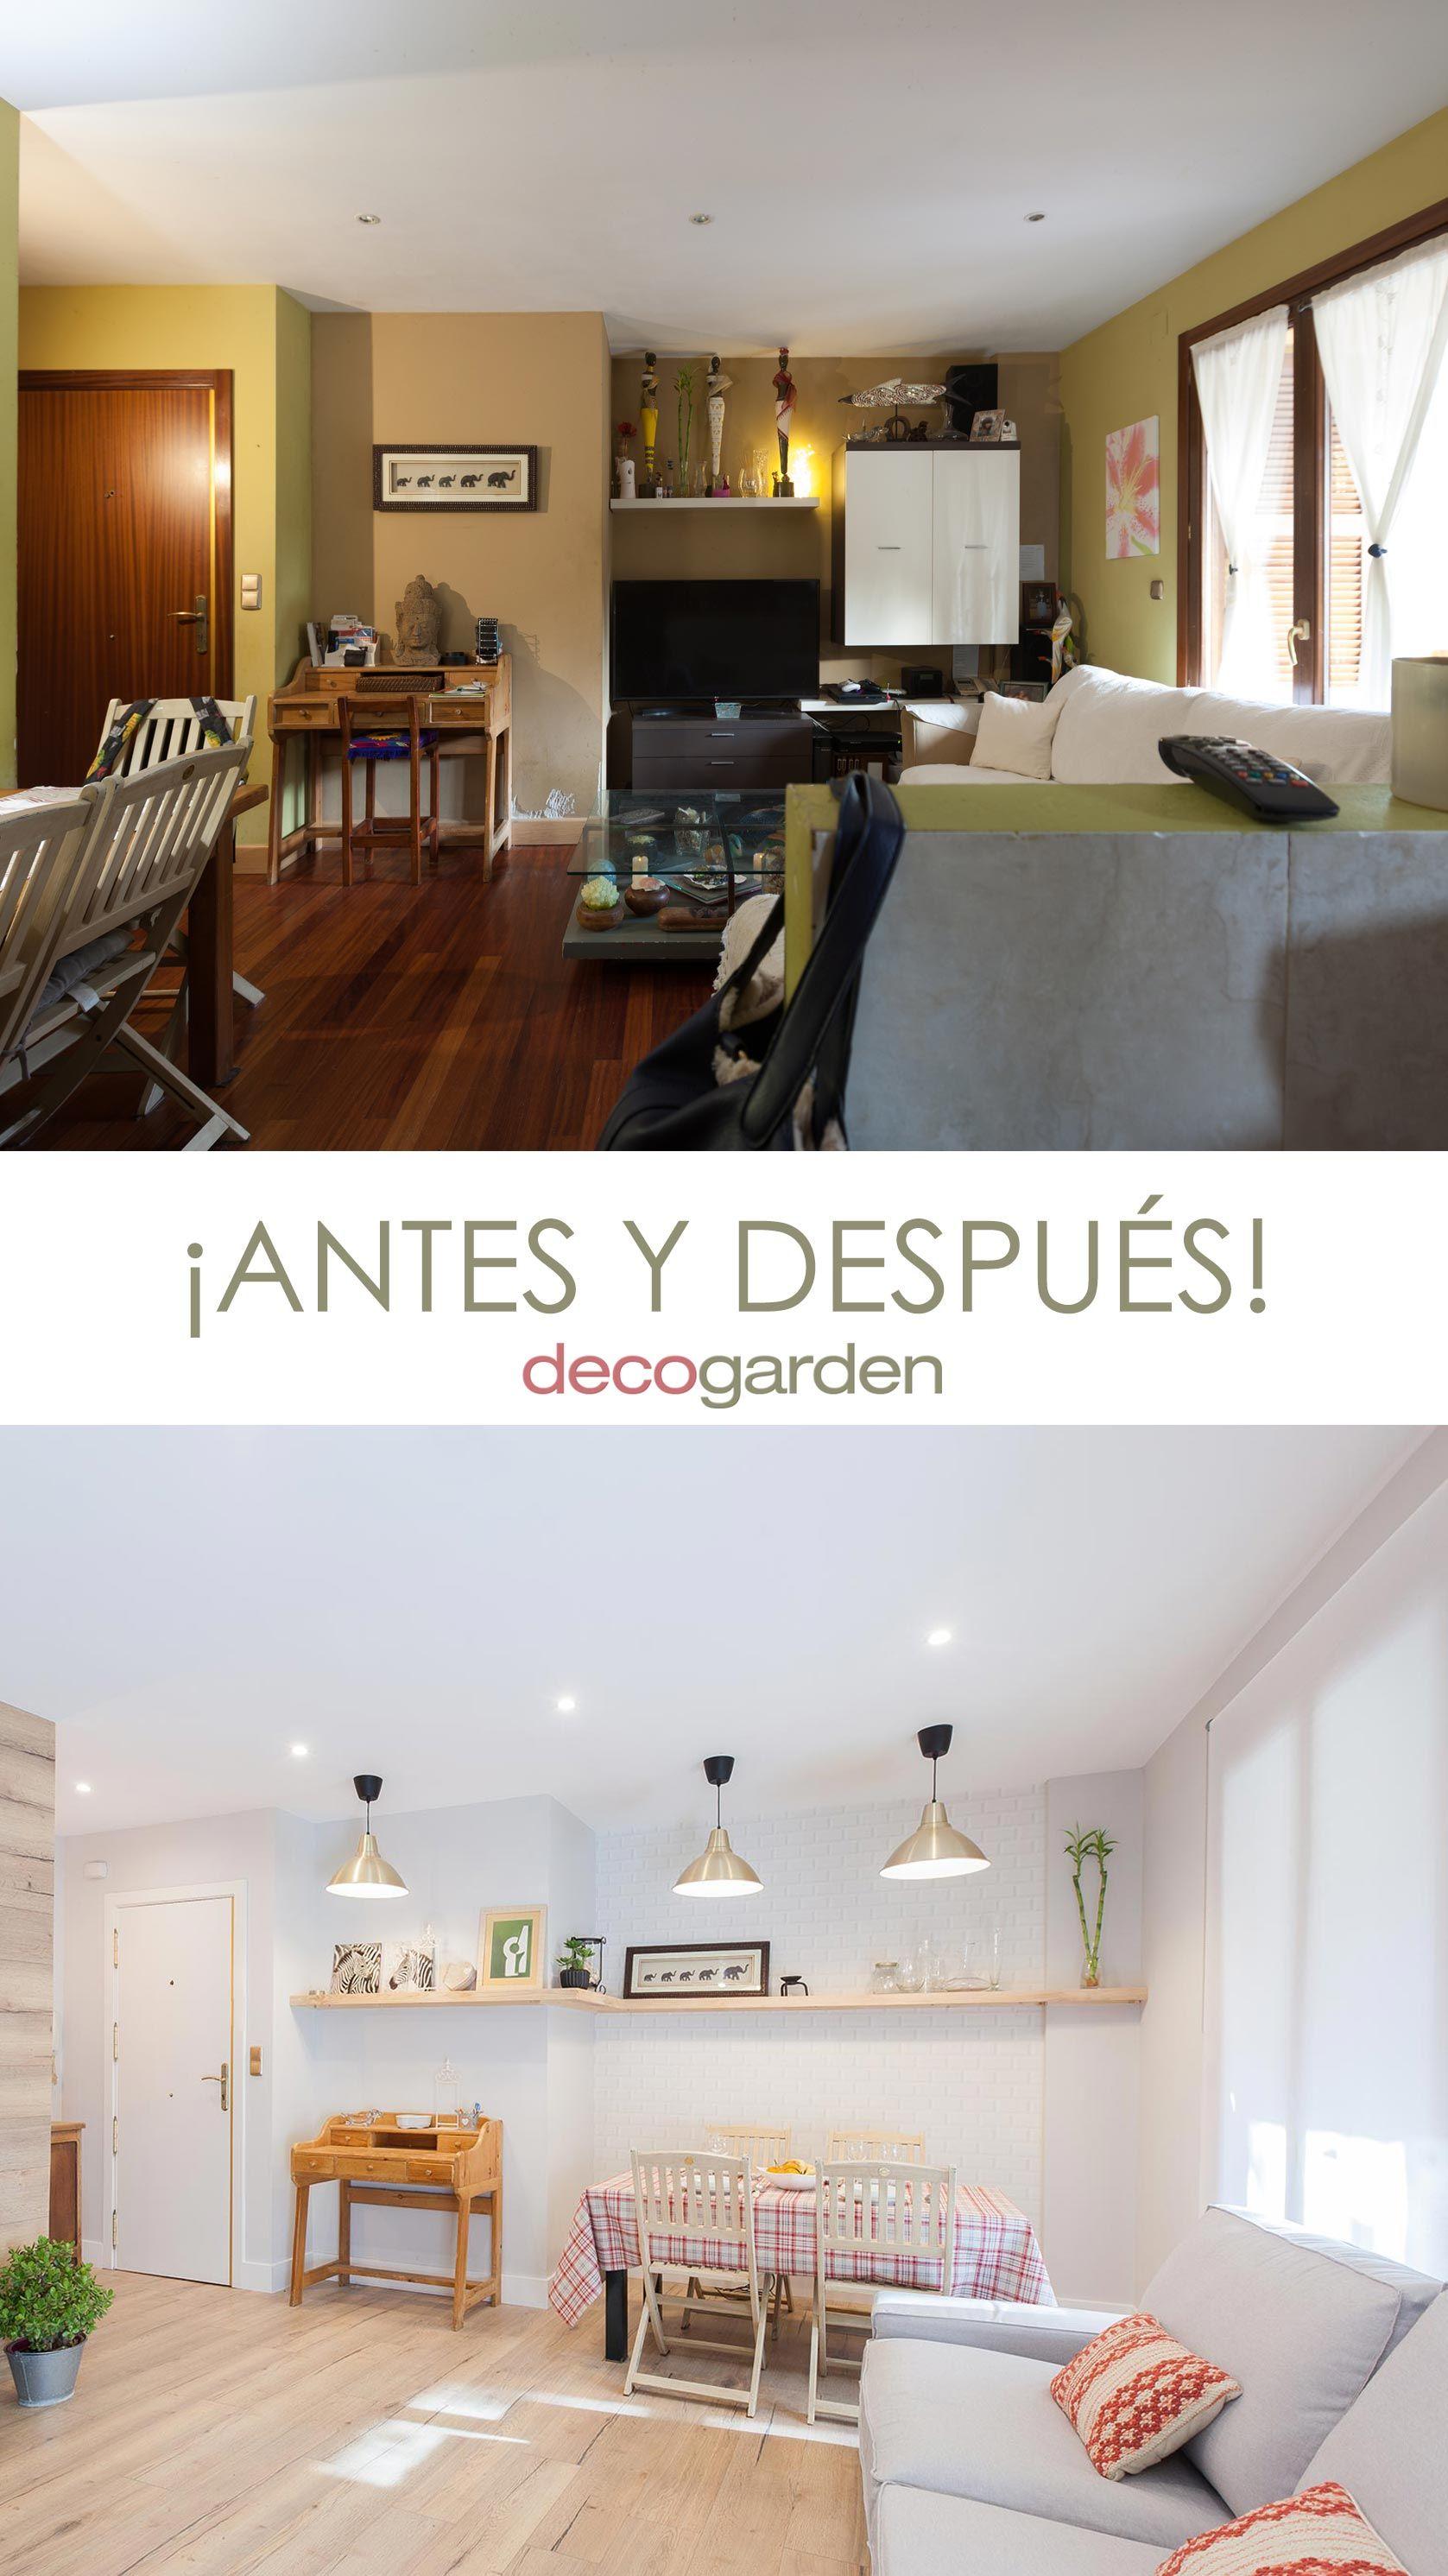 décorer le salon avec cuisine ouverte - avant et après